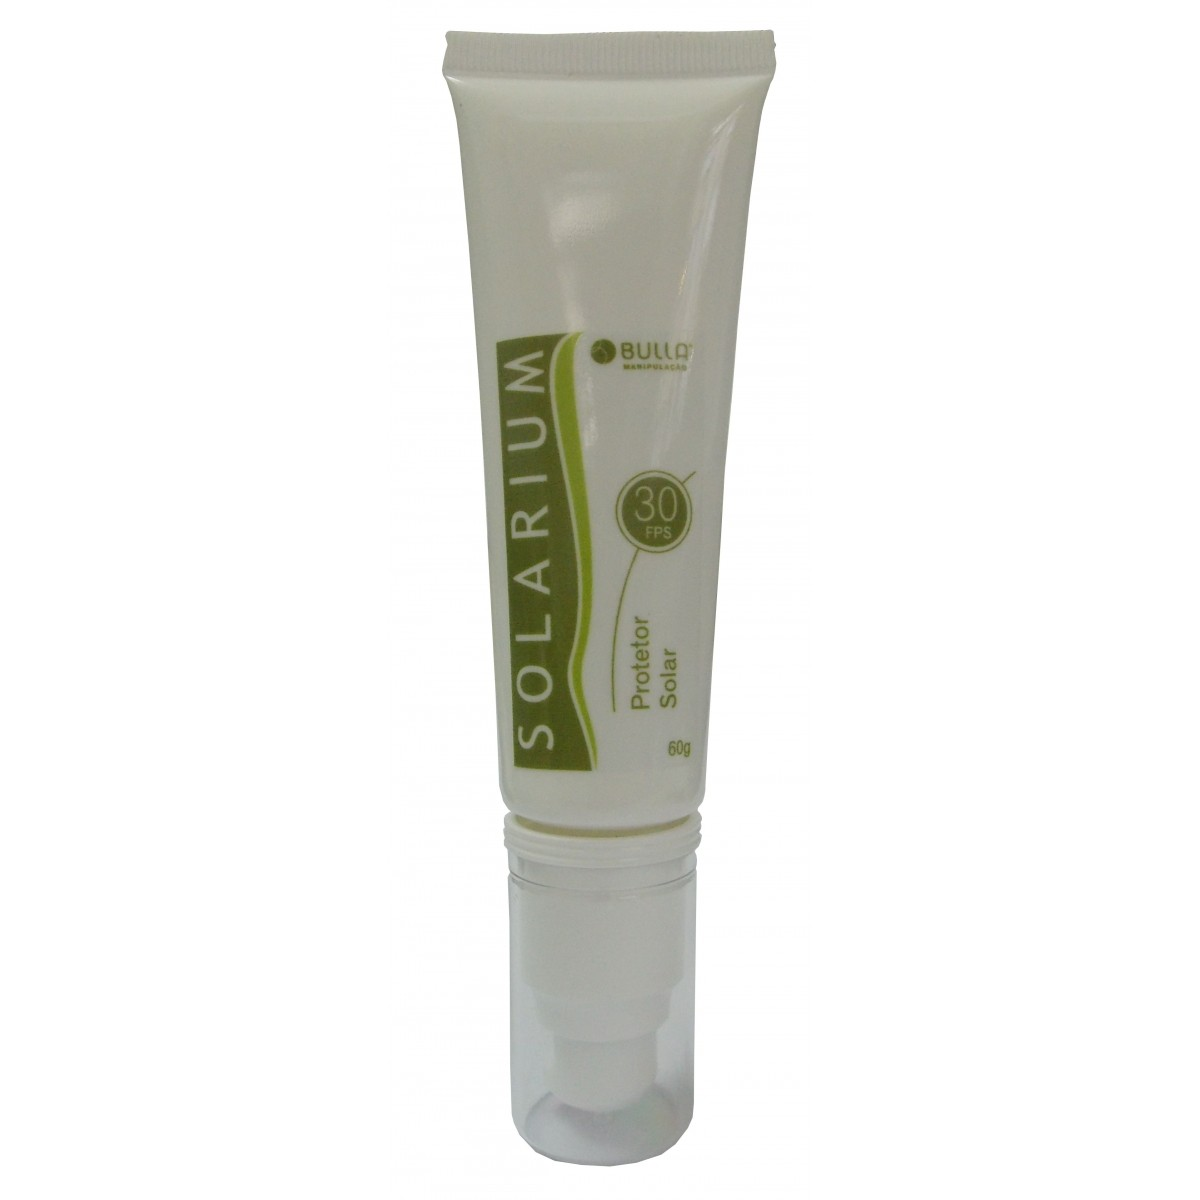 Solarium Protetor Solar  FPS 30 - 60 ml  - Bulla Farmácia de Manipulação